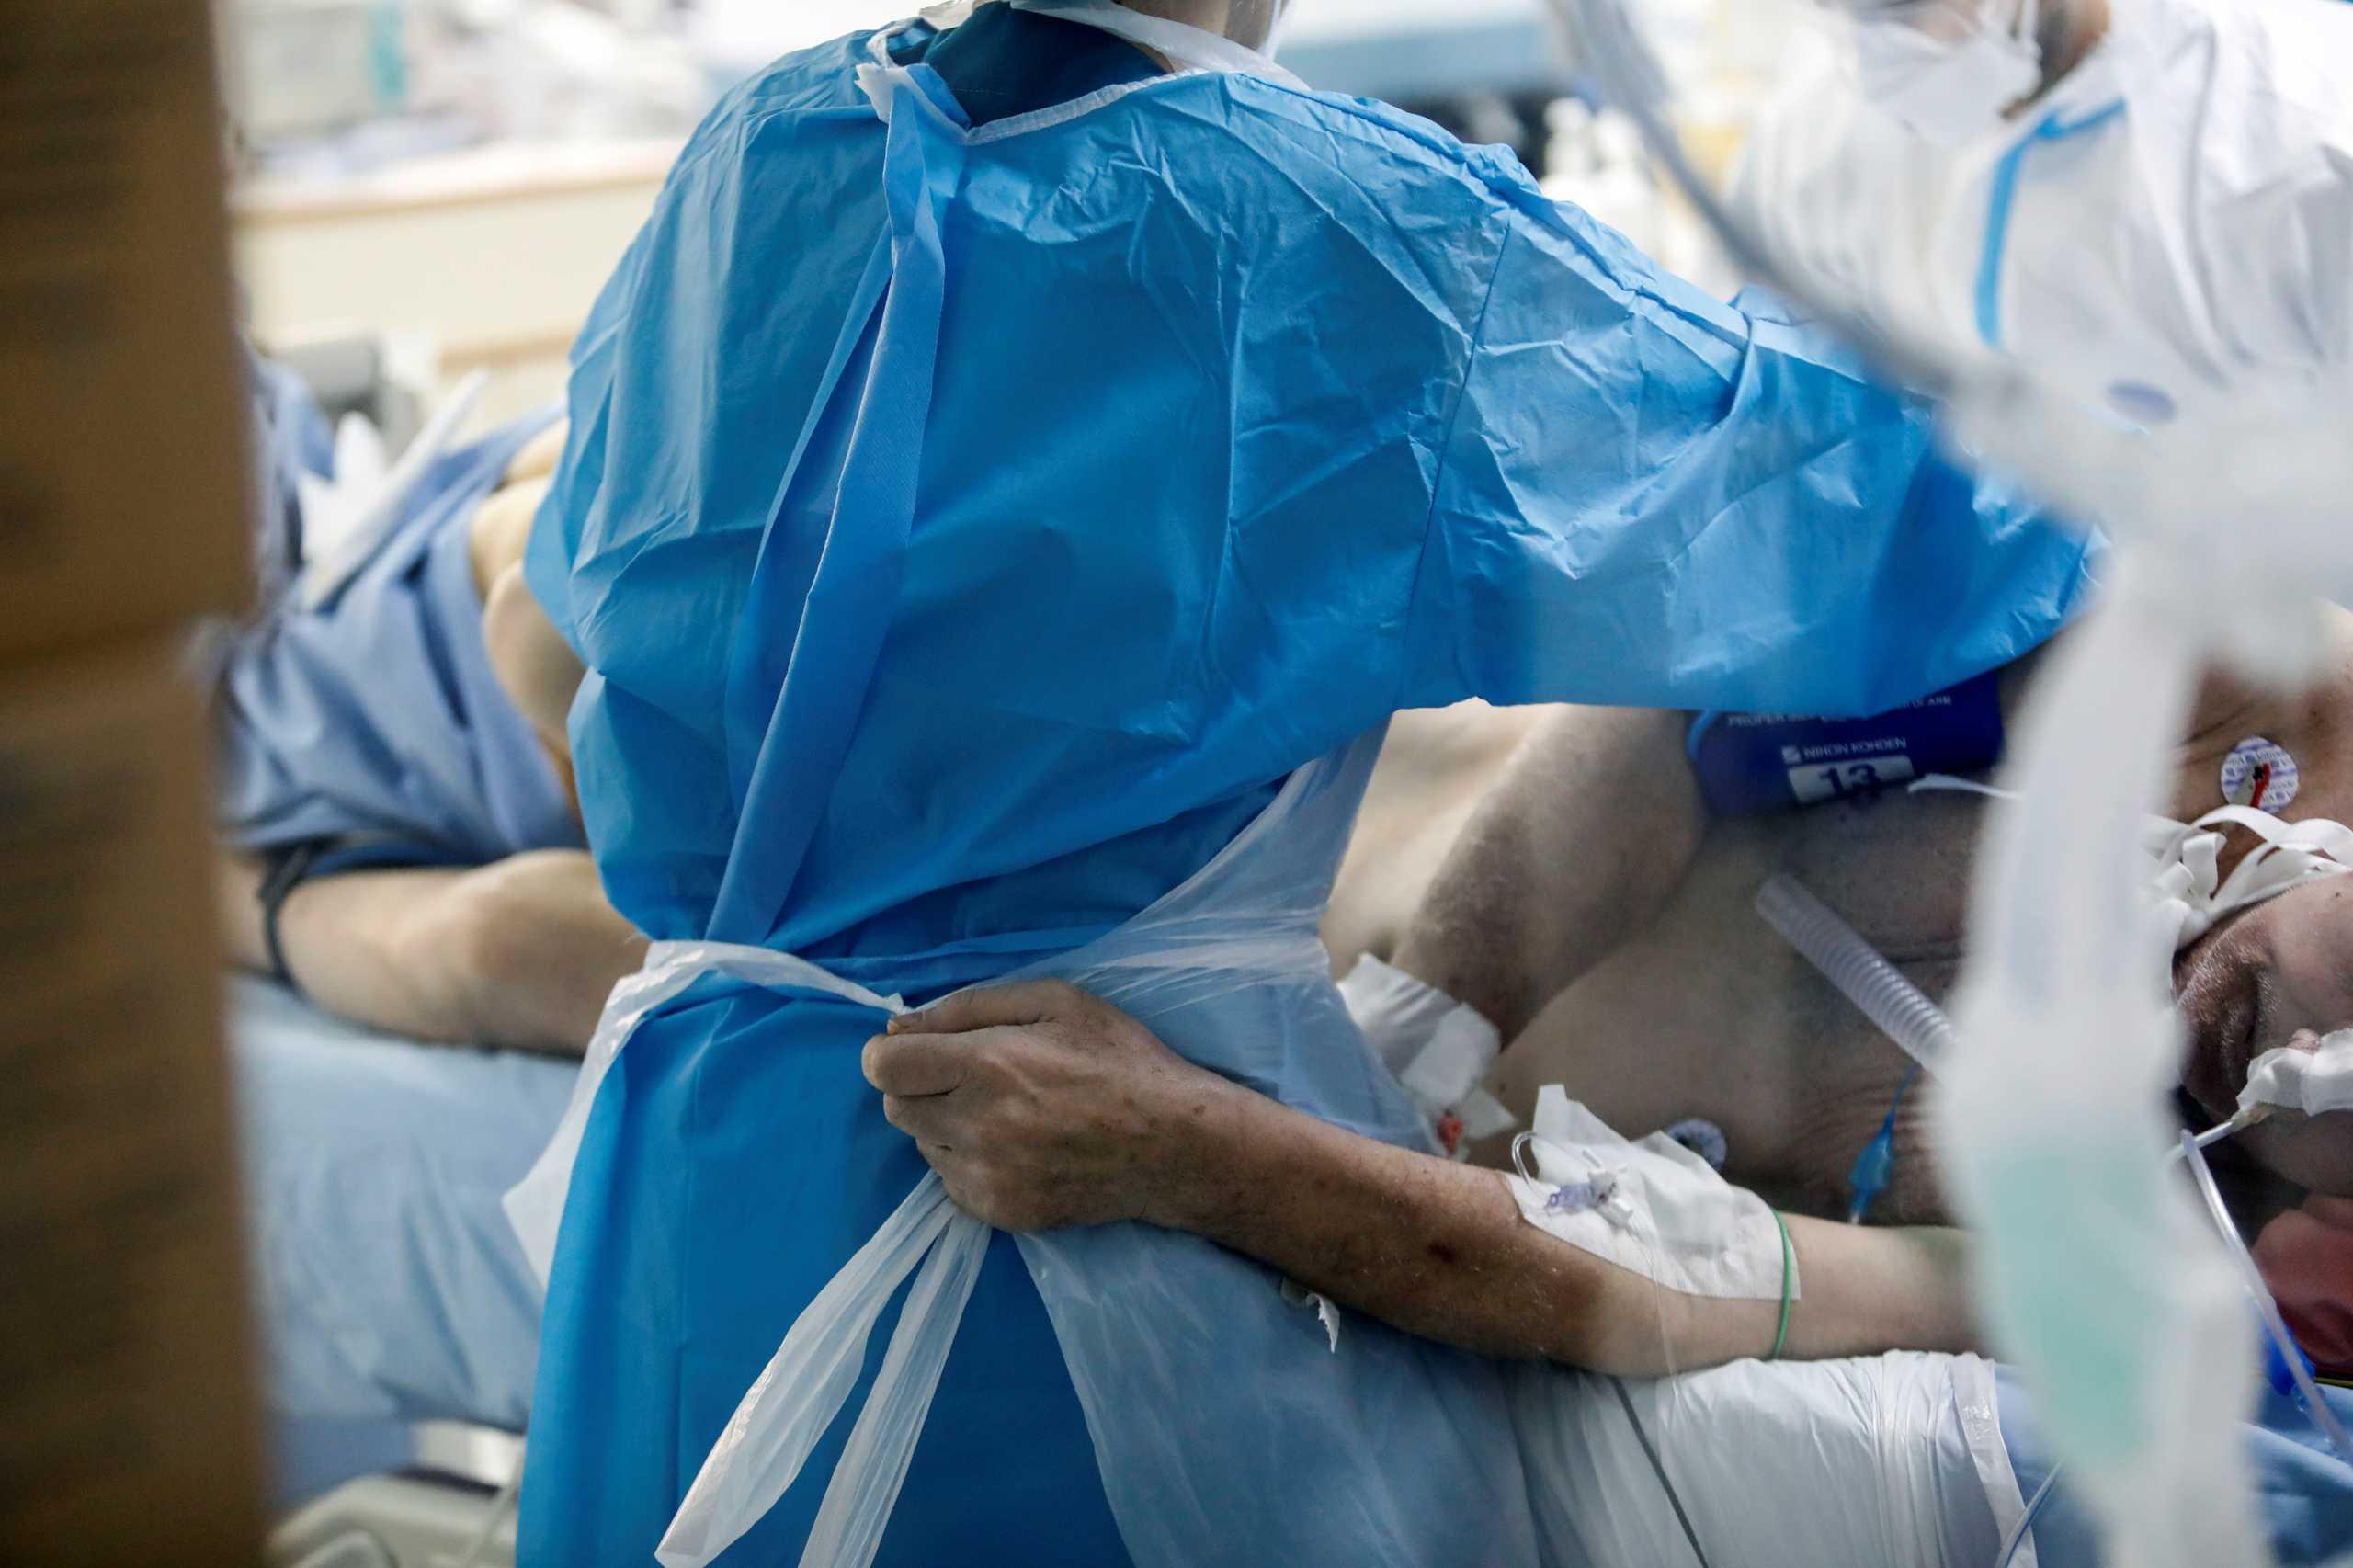 Γιατρός από το Λαϊκό: Δεν έχουμε γίνει Μπέργκαμο, αλλά προς τα εκεί οδεύουμε (vid)